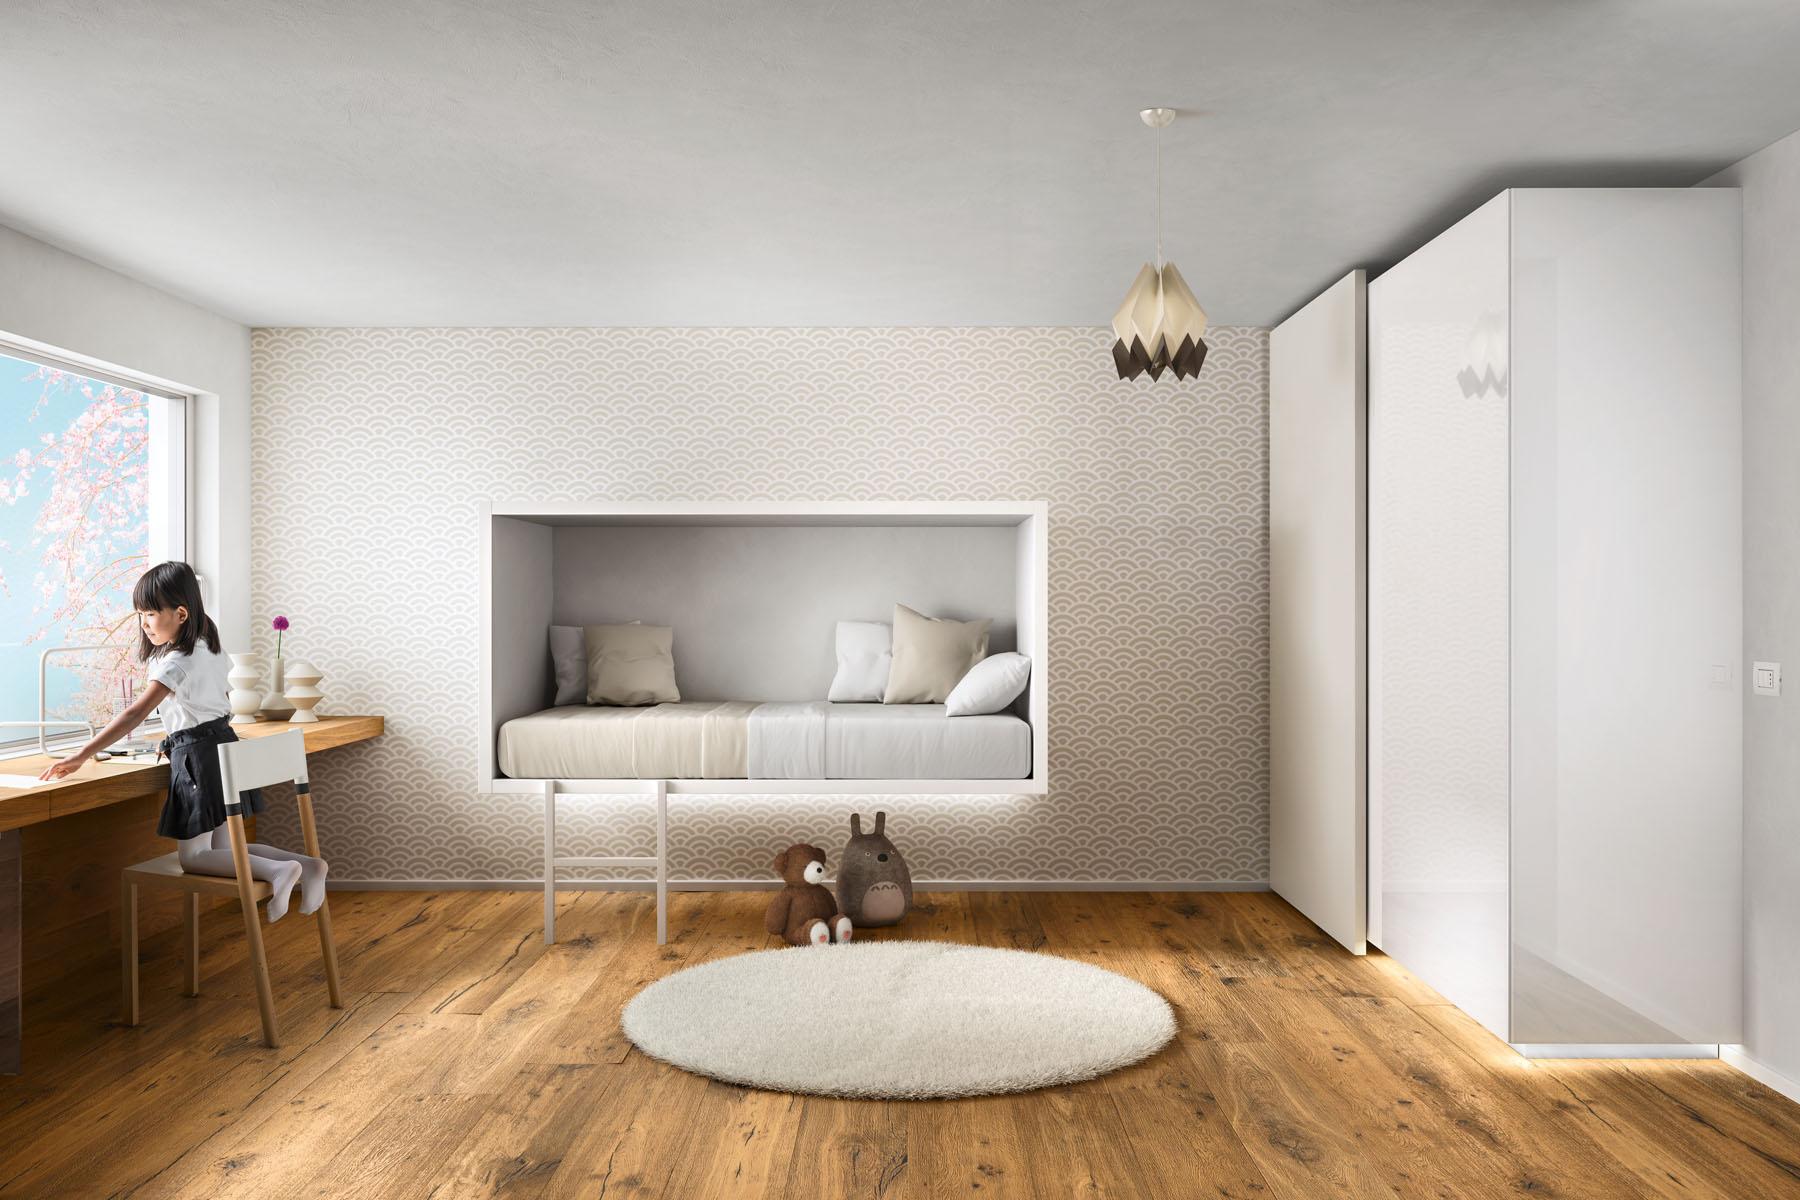 Soluzioni Arredo Camere Ragazzi arredare casa: arredo moderno - arredo su misura | soluzioni